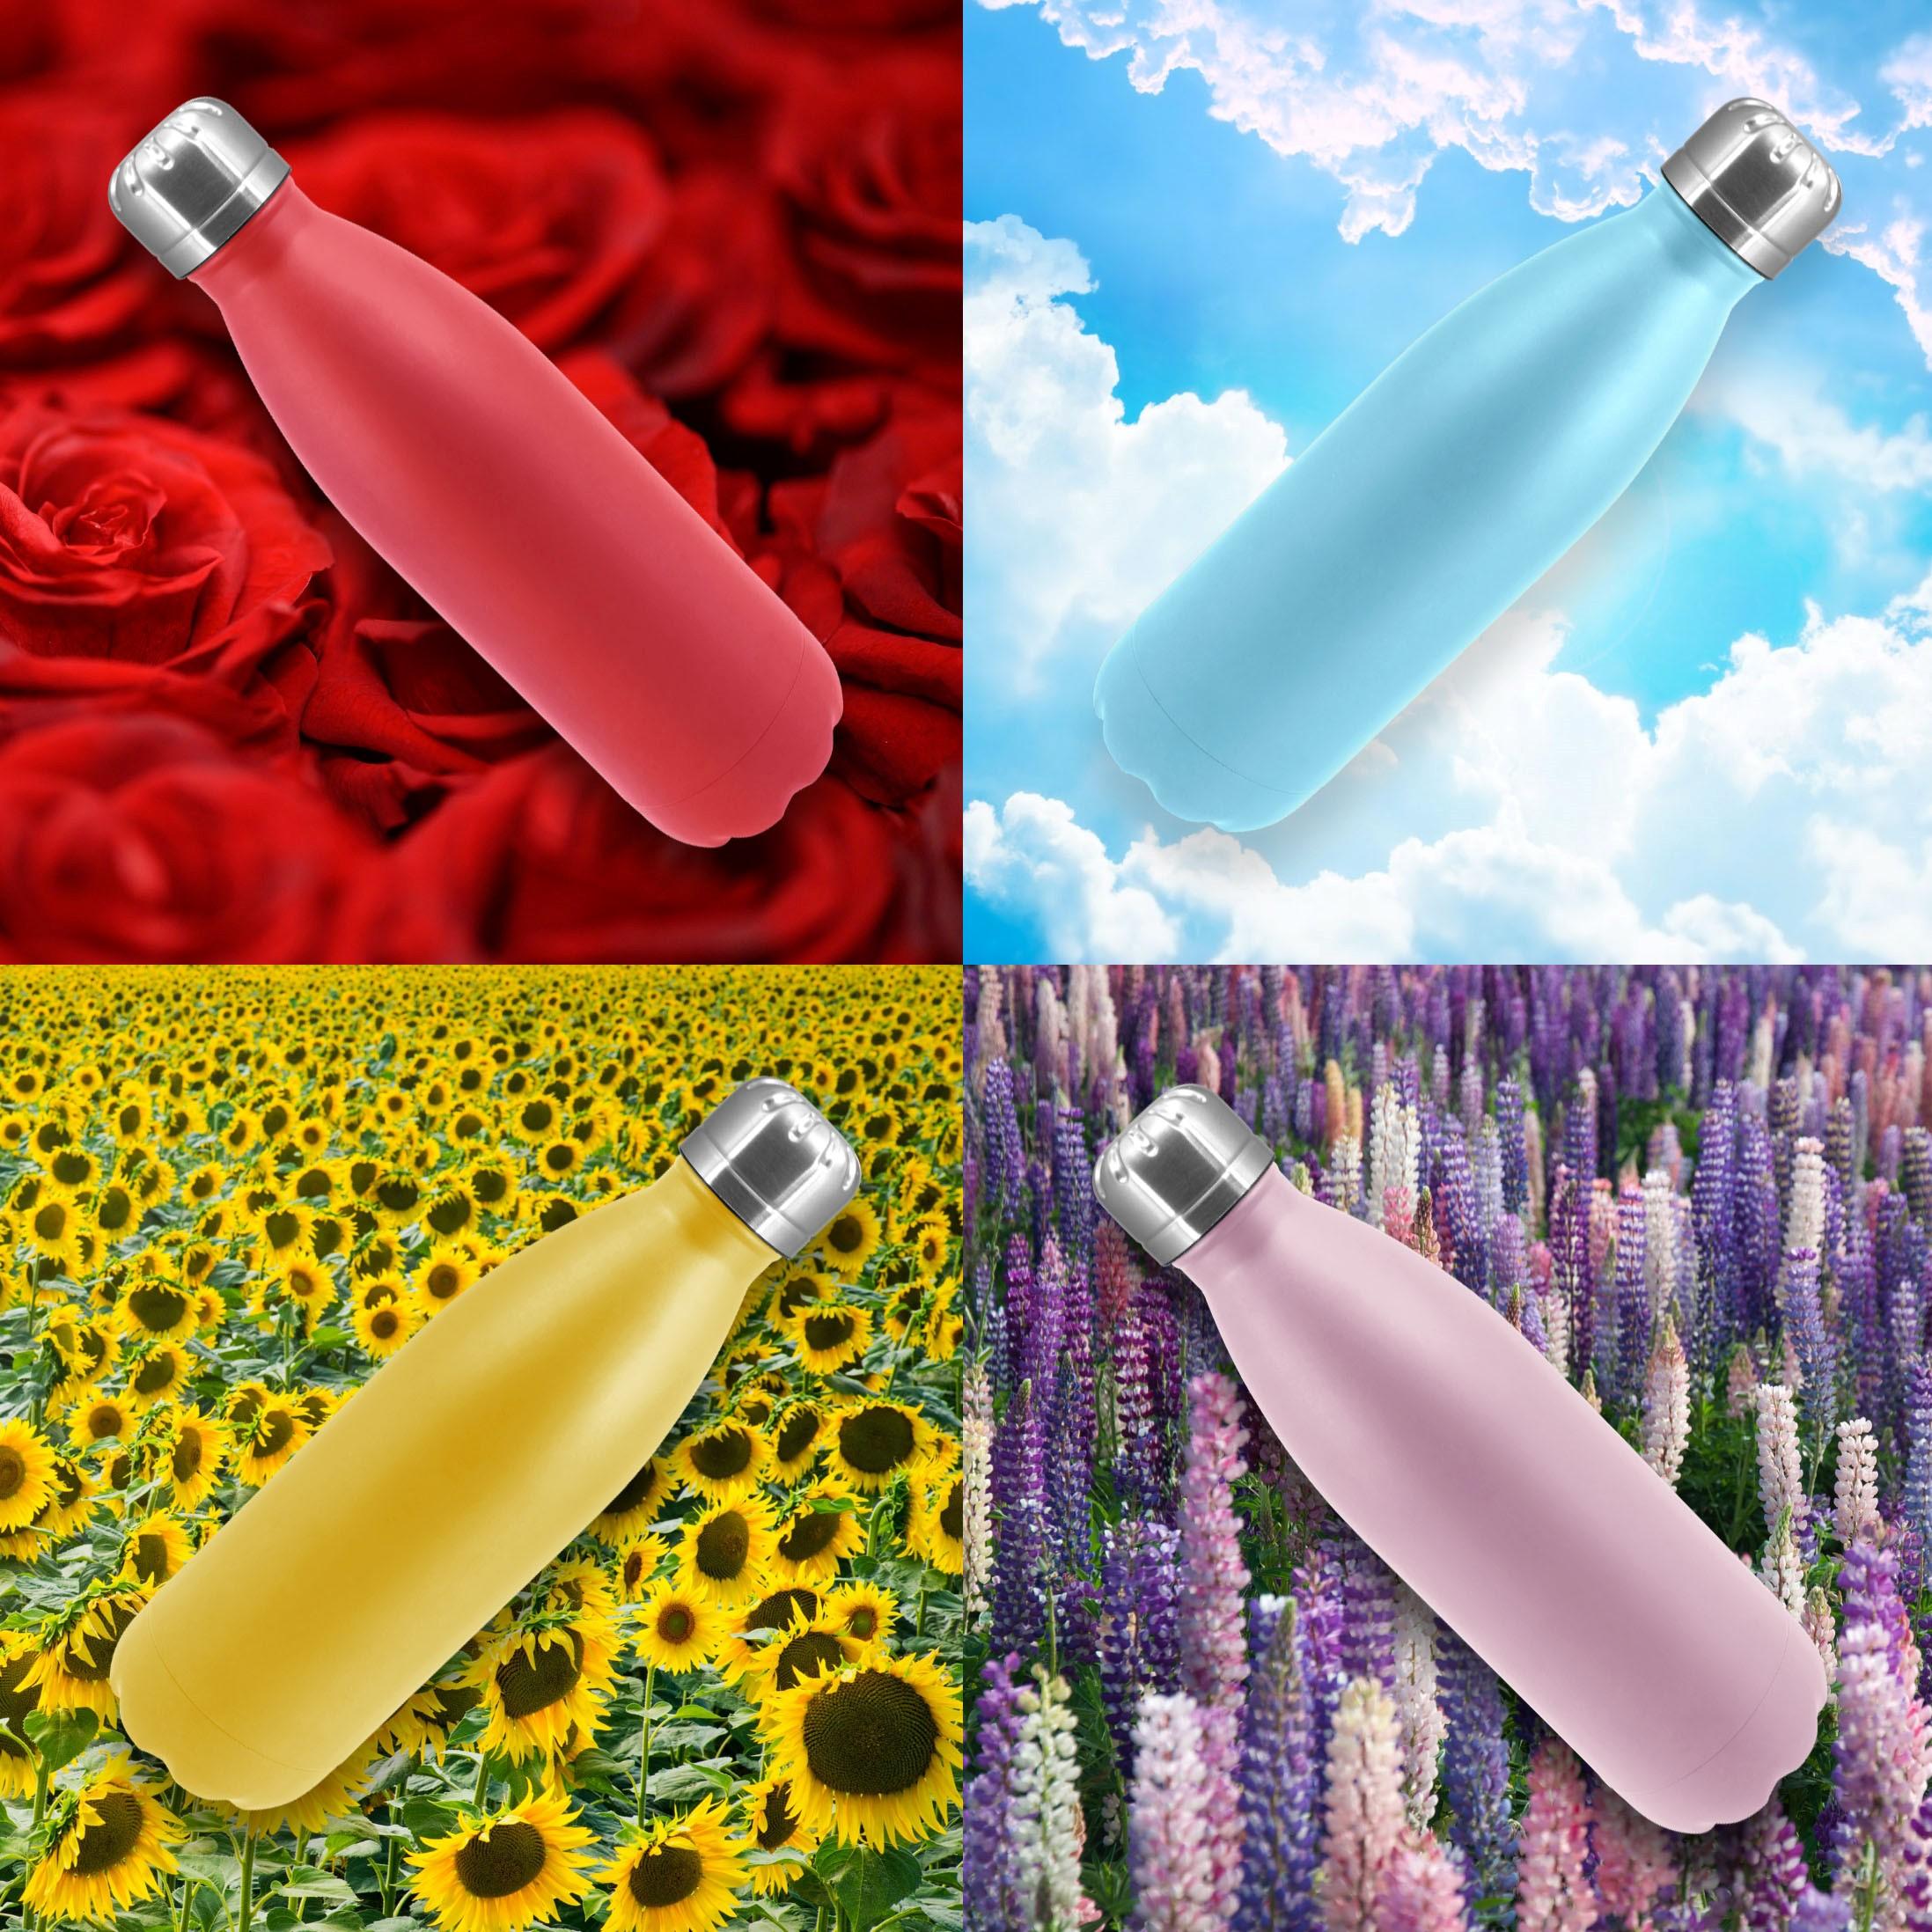 בקבוק טרמו גארד צבעוני